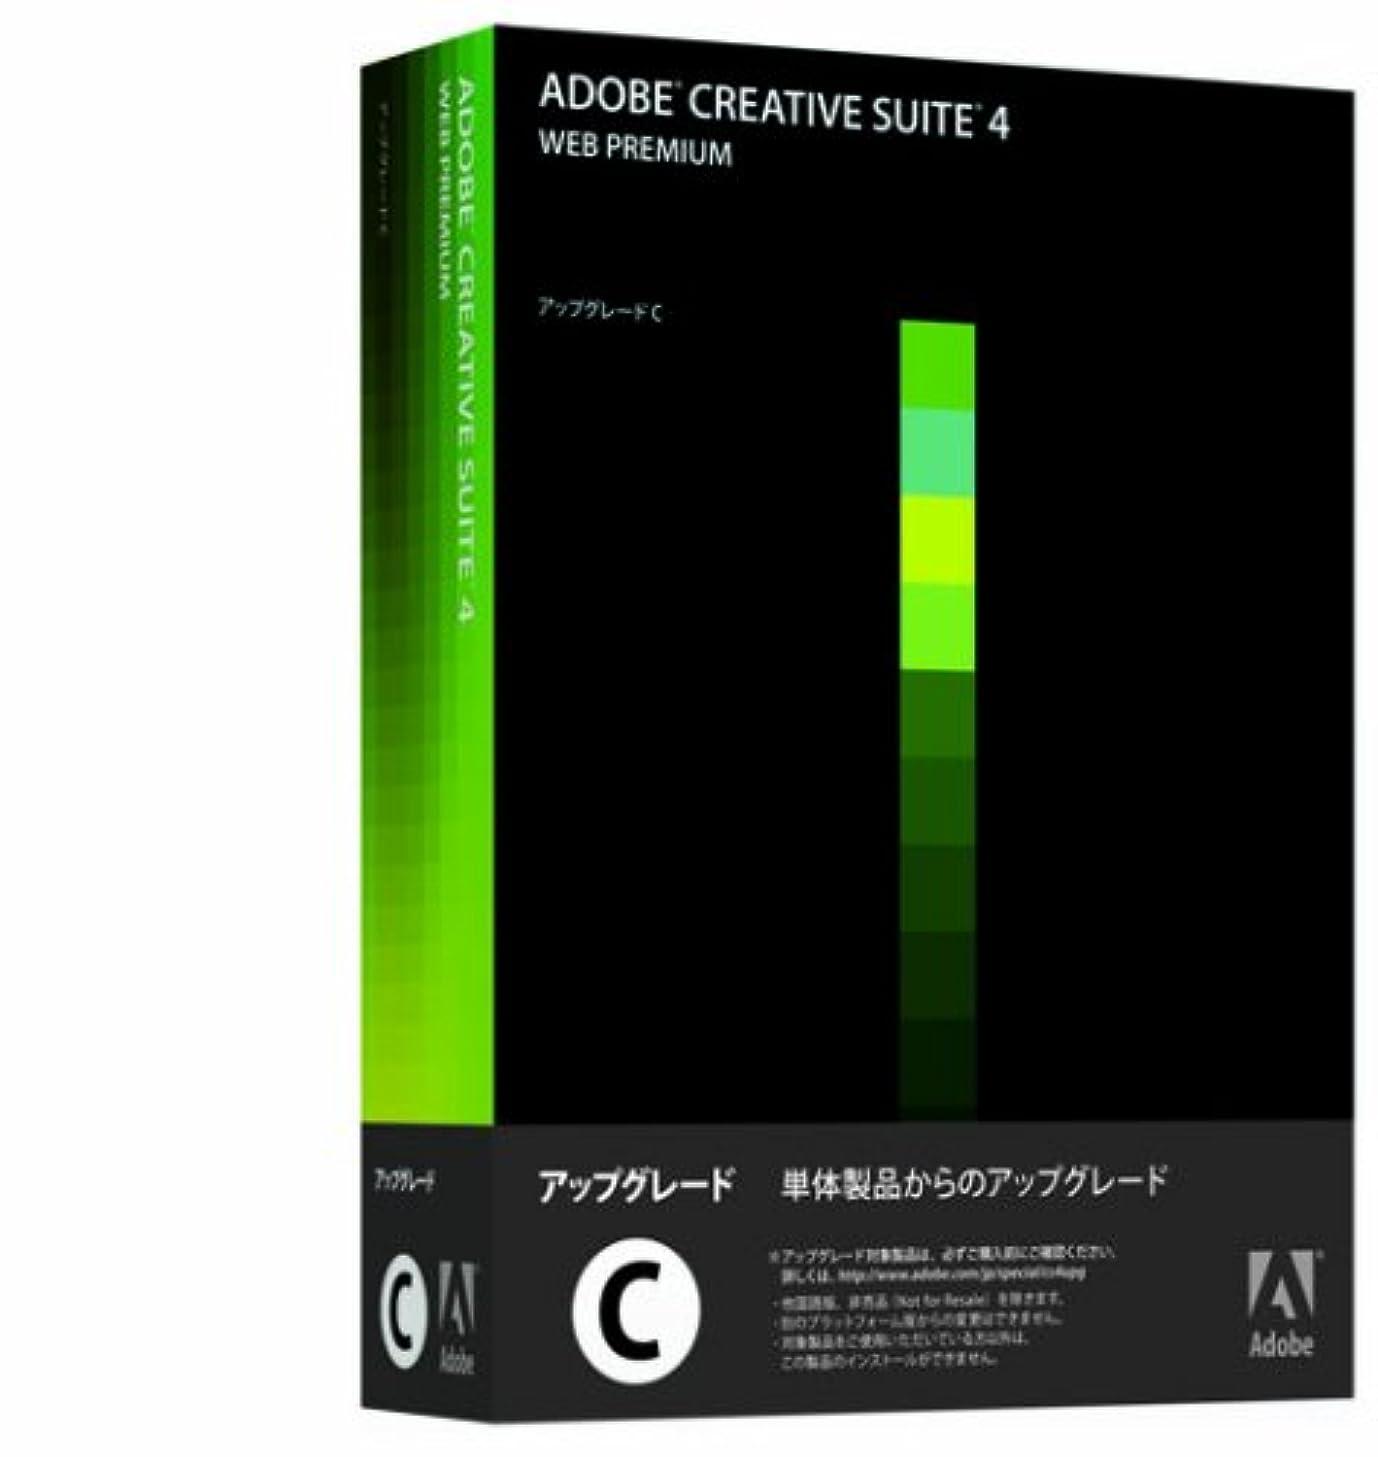 槍衛星グラフィックAdobe Creative Suite 4 Web Premium 日本語版 アップグレード版C (FROM PS/DW/IL/FL) Windows版